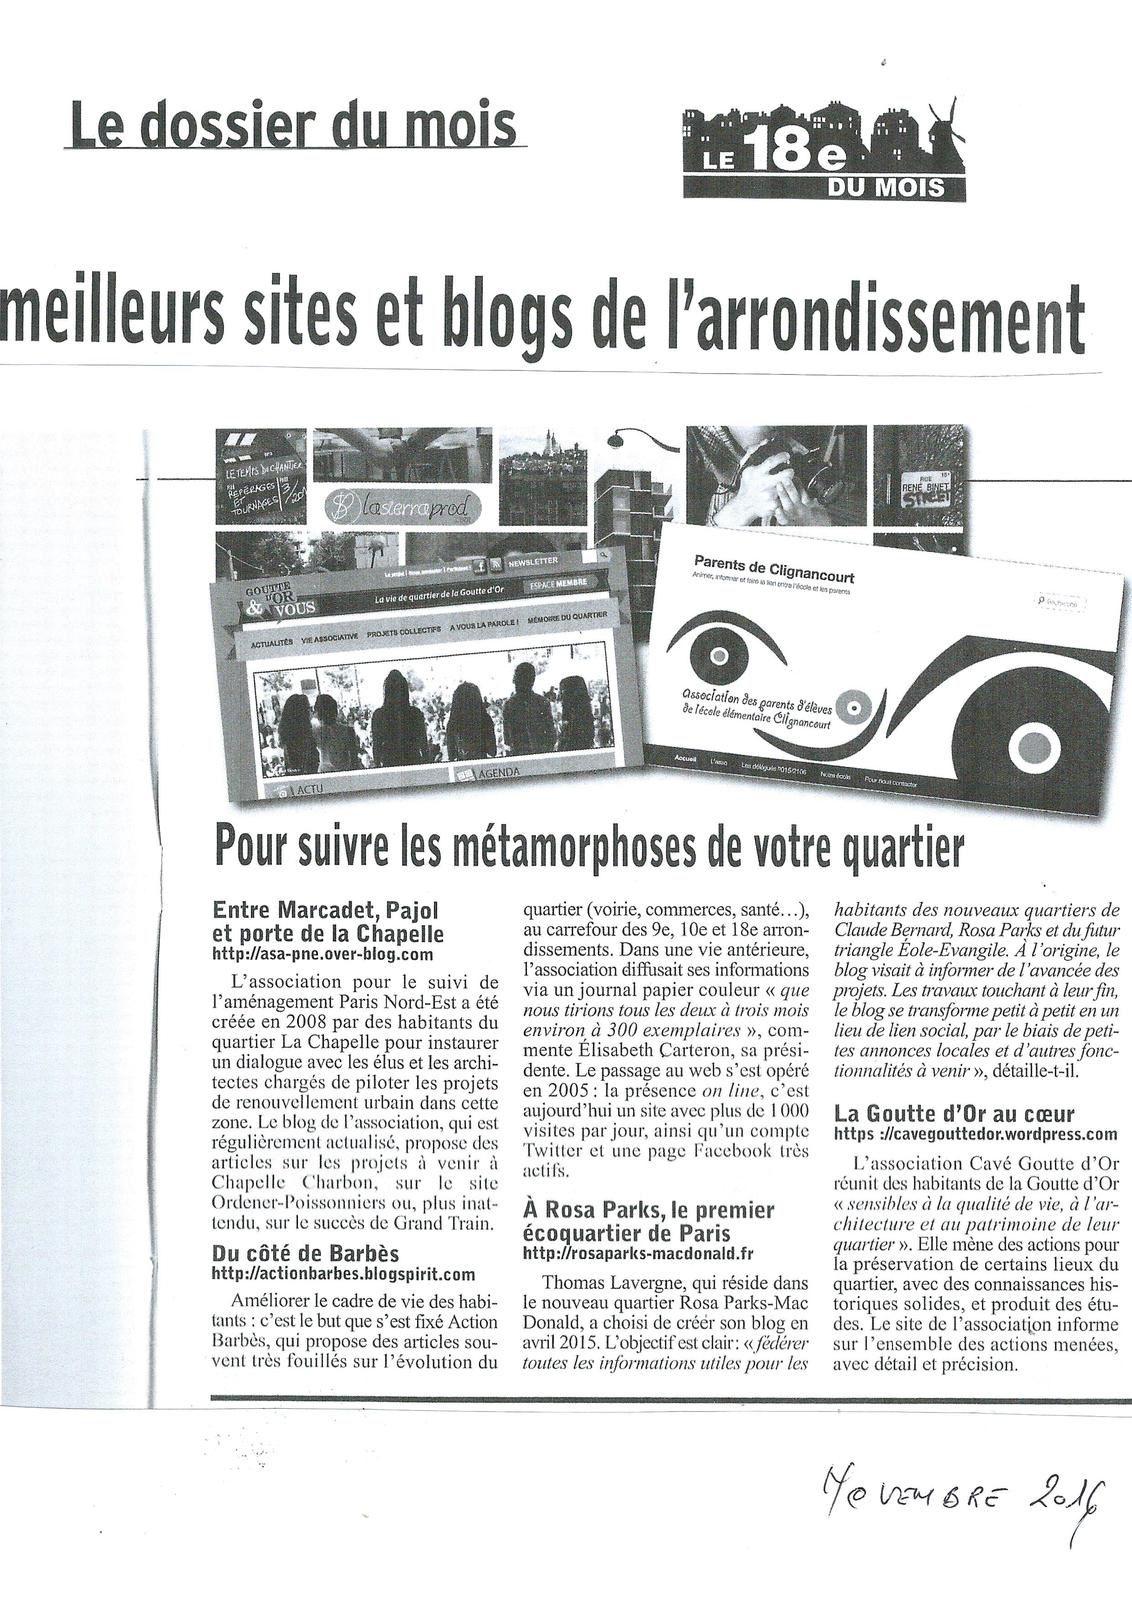 Le 18e du mois : extrait de l'article consacré aux sites et blogs de l'arrondissement réalisé par Florianne Finet et Sophie Roux - Novembre 2016.